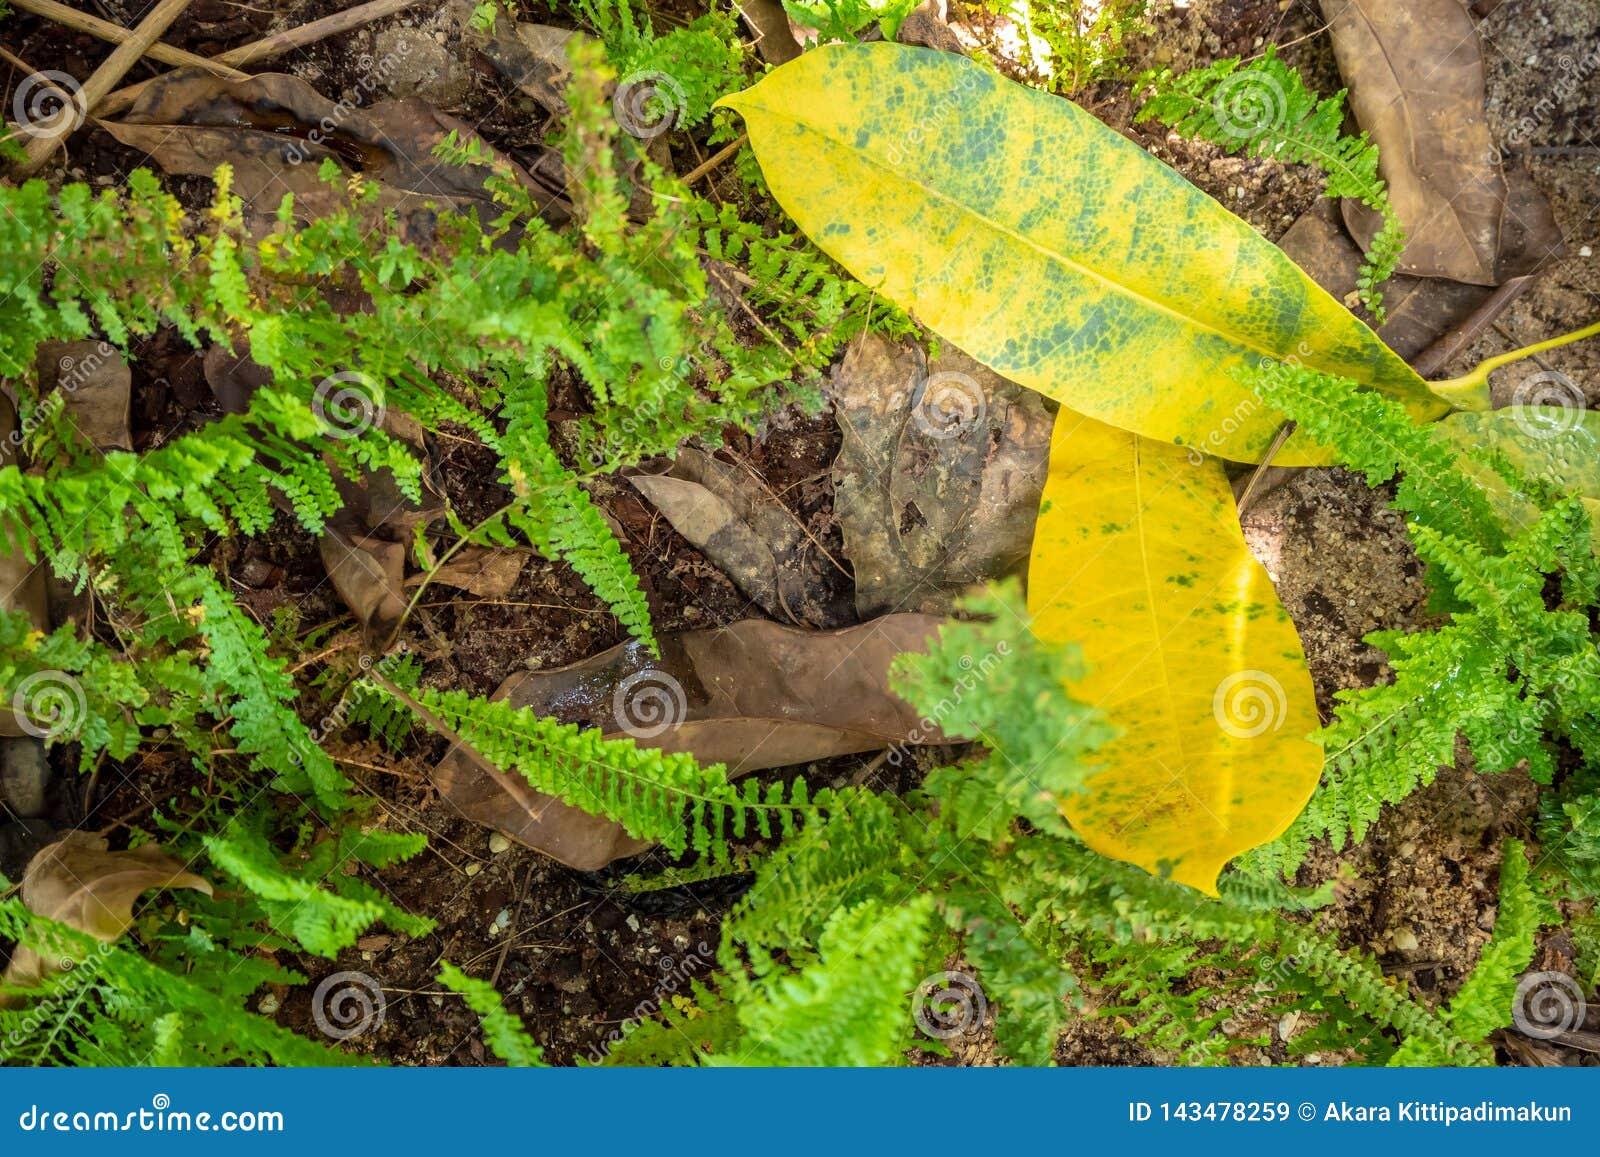 Feuilles jaunes au sol parmi les feuilles et les fougères sèches